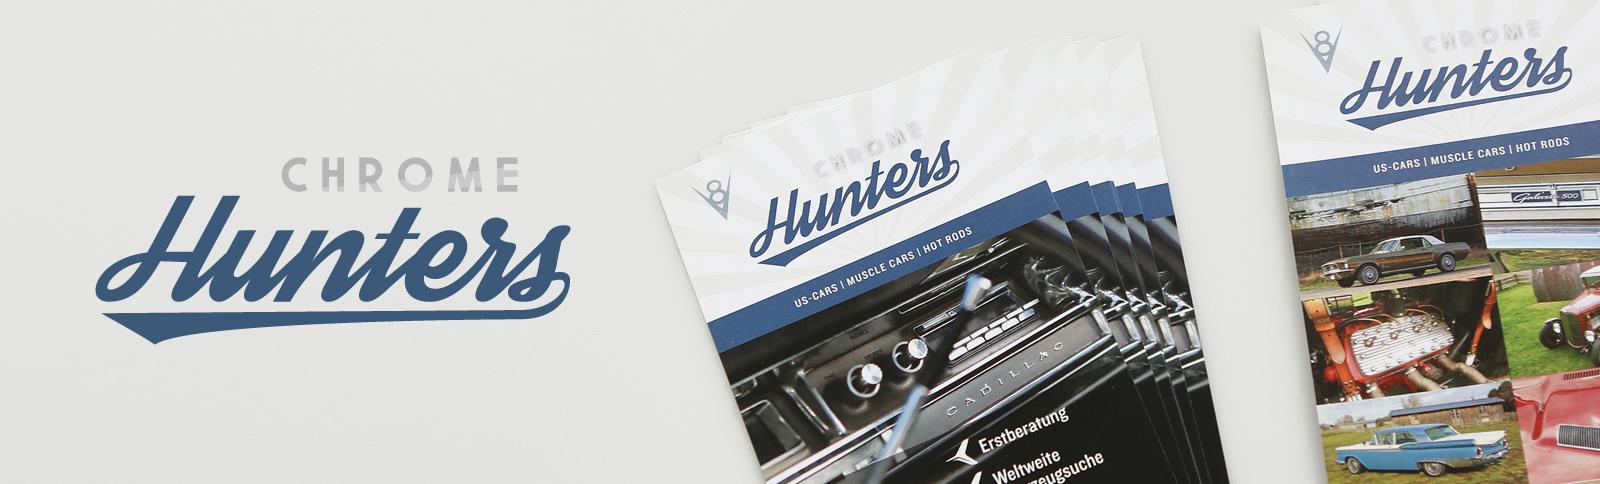 Logo-Entwicklung und Gestaltung und Produktionsabwicklung der Geschäftsausstattung für die Chrome Hunters GmbH i. G. durch Kähler & Kähler